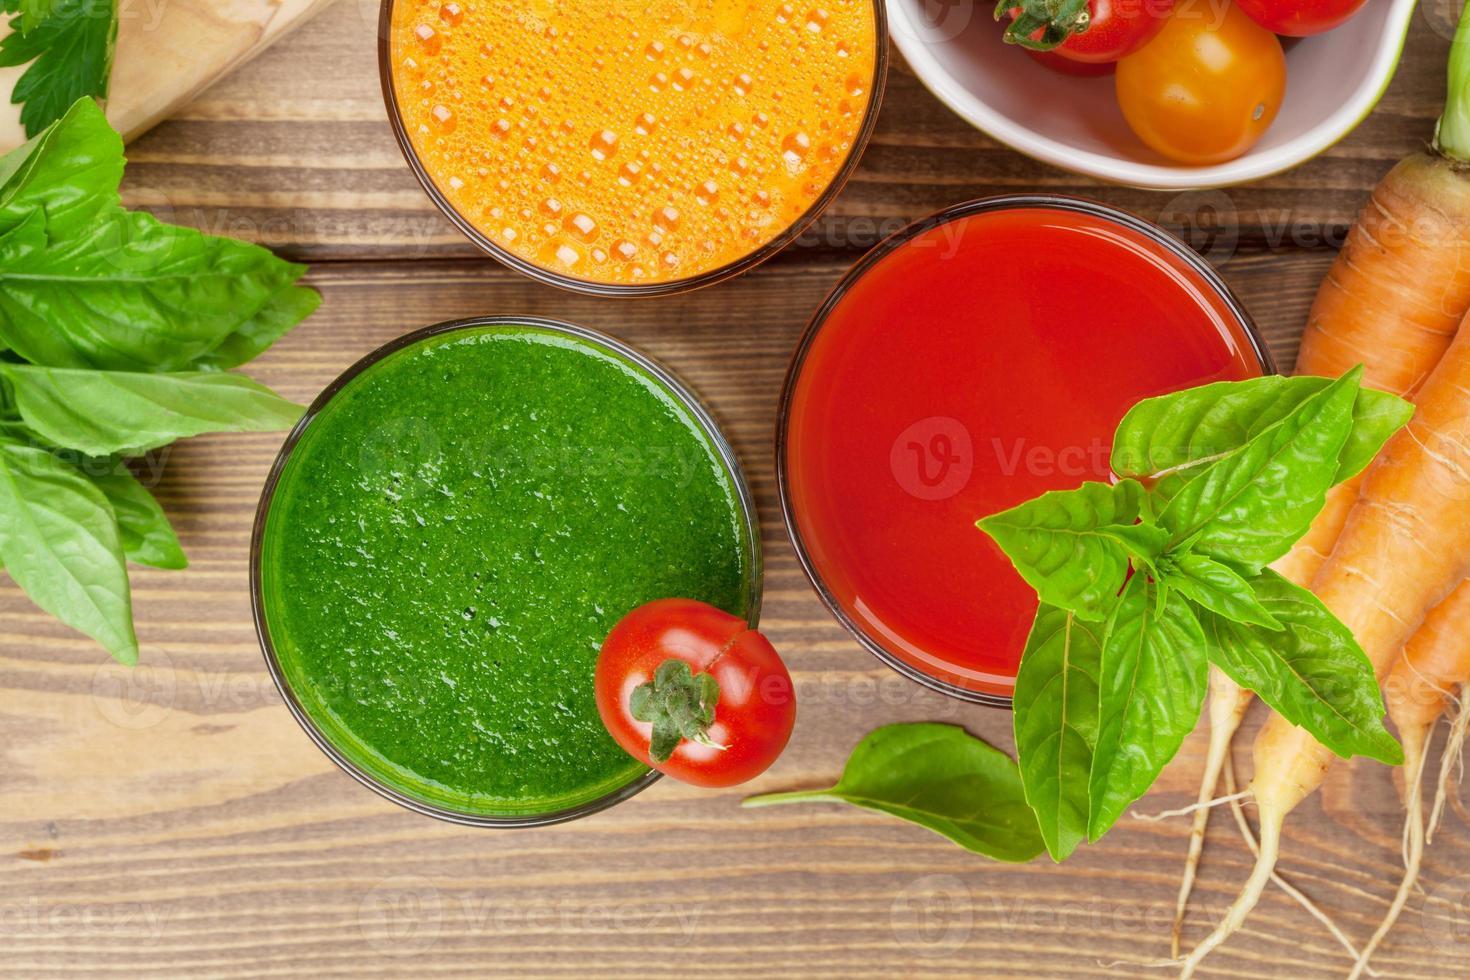 färsk grönsakssmoothie. tomat, gurka, morot foto